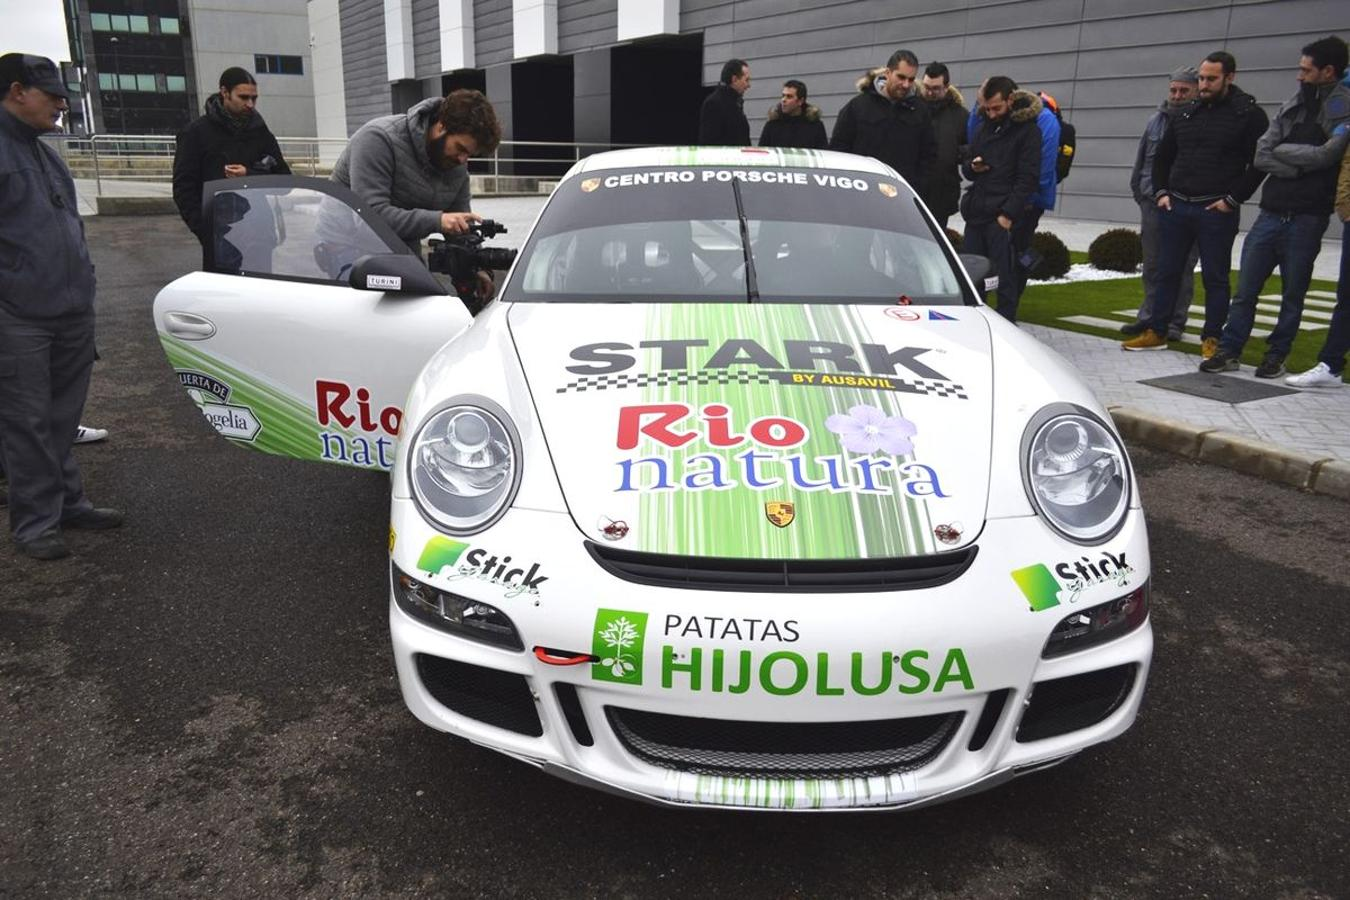 Porsche 911 GT3, patatas Hijolusa